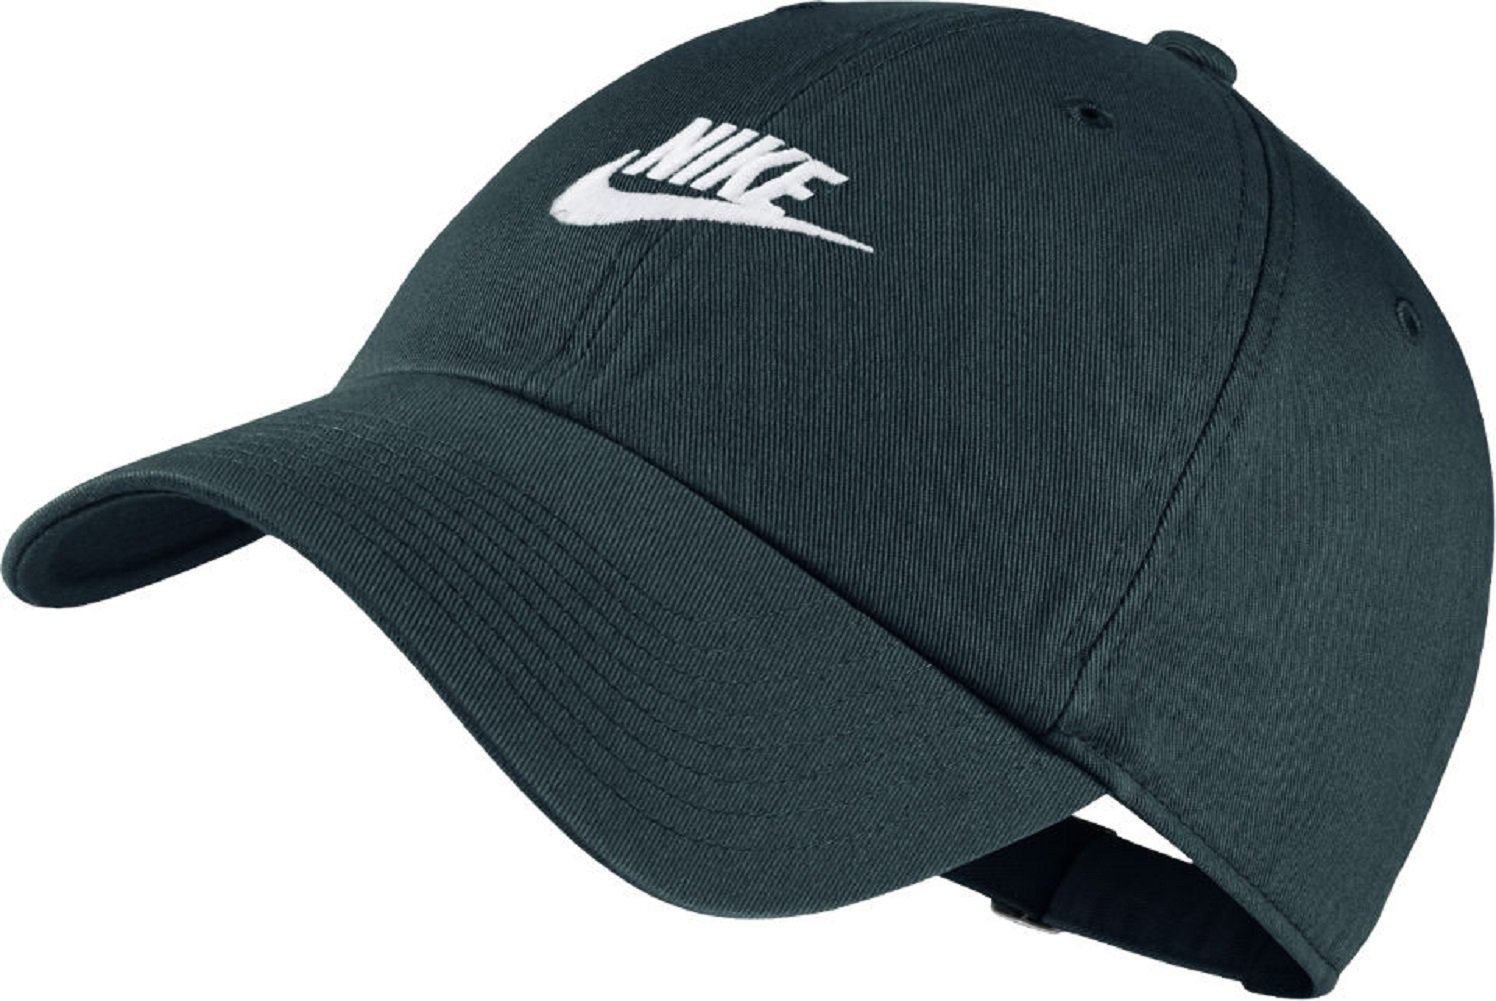 Cappelli e cappellini   Shopping online per abbigliamento 59d4efcce260